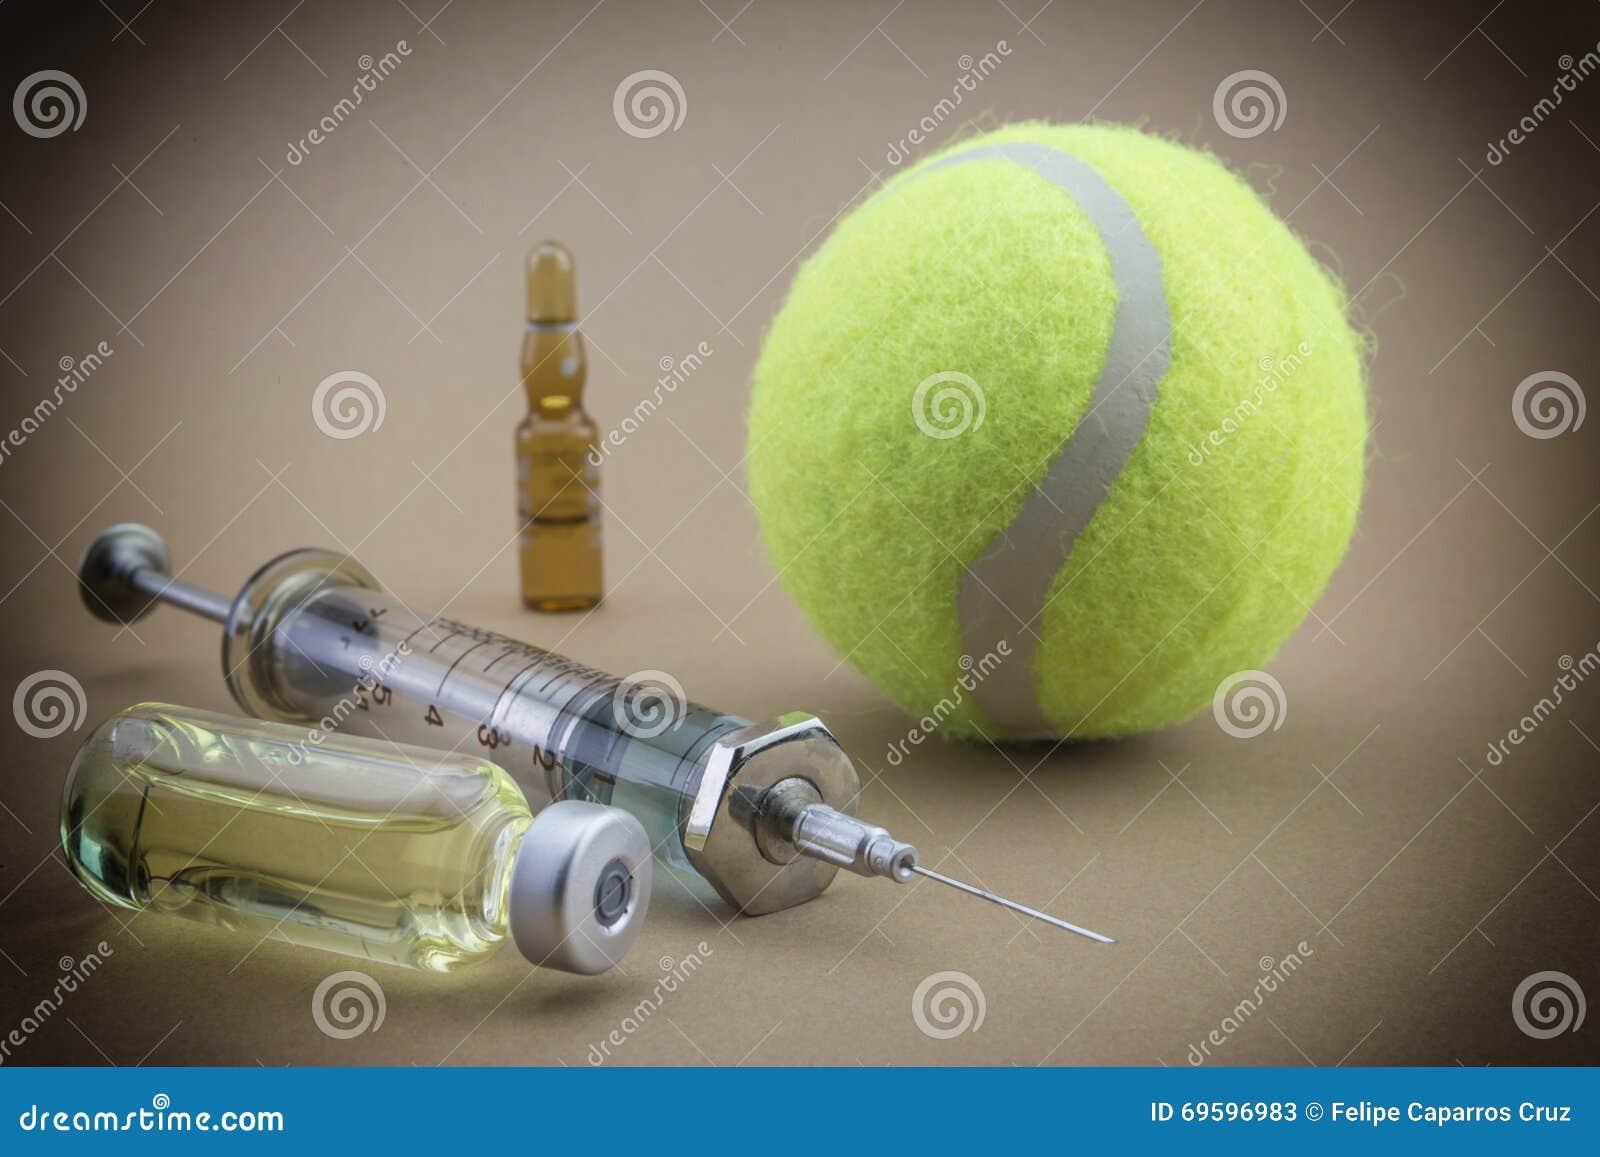 Testy dla badania uryna wraz z piłką tenis